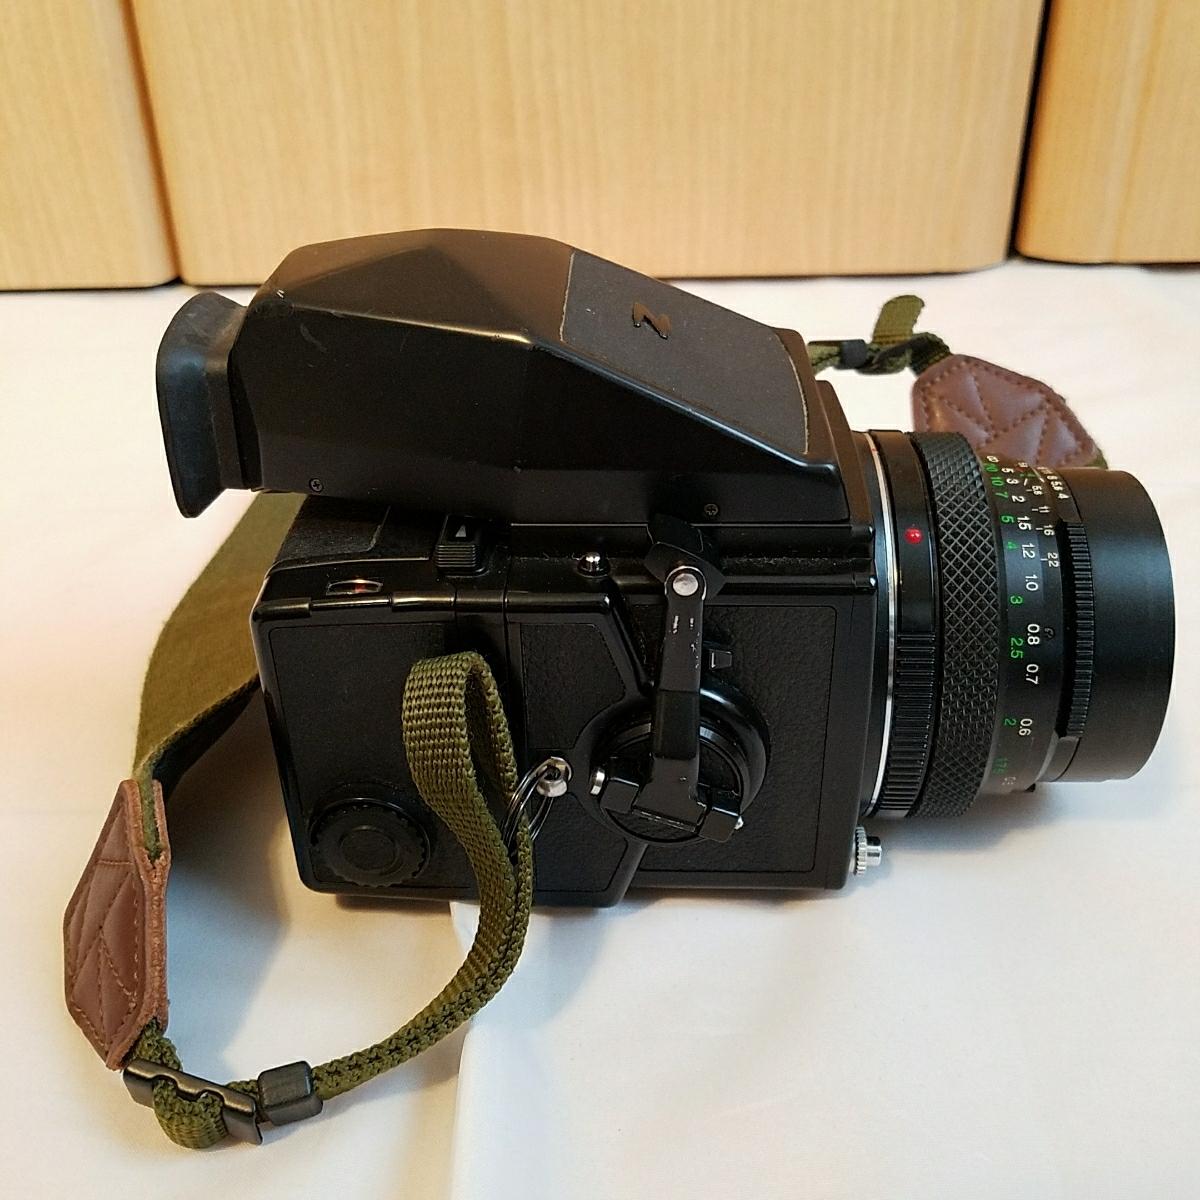 ブロニカ ZENZA BRONICA ETRS 40mm 4 レンズ付き_画像3